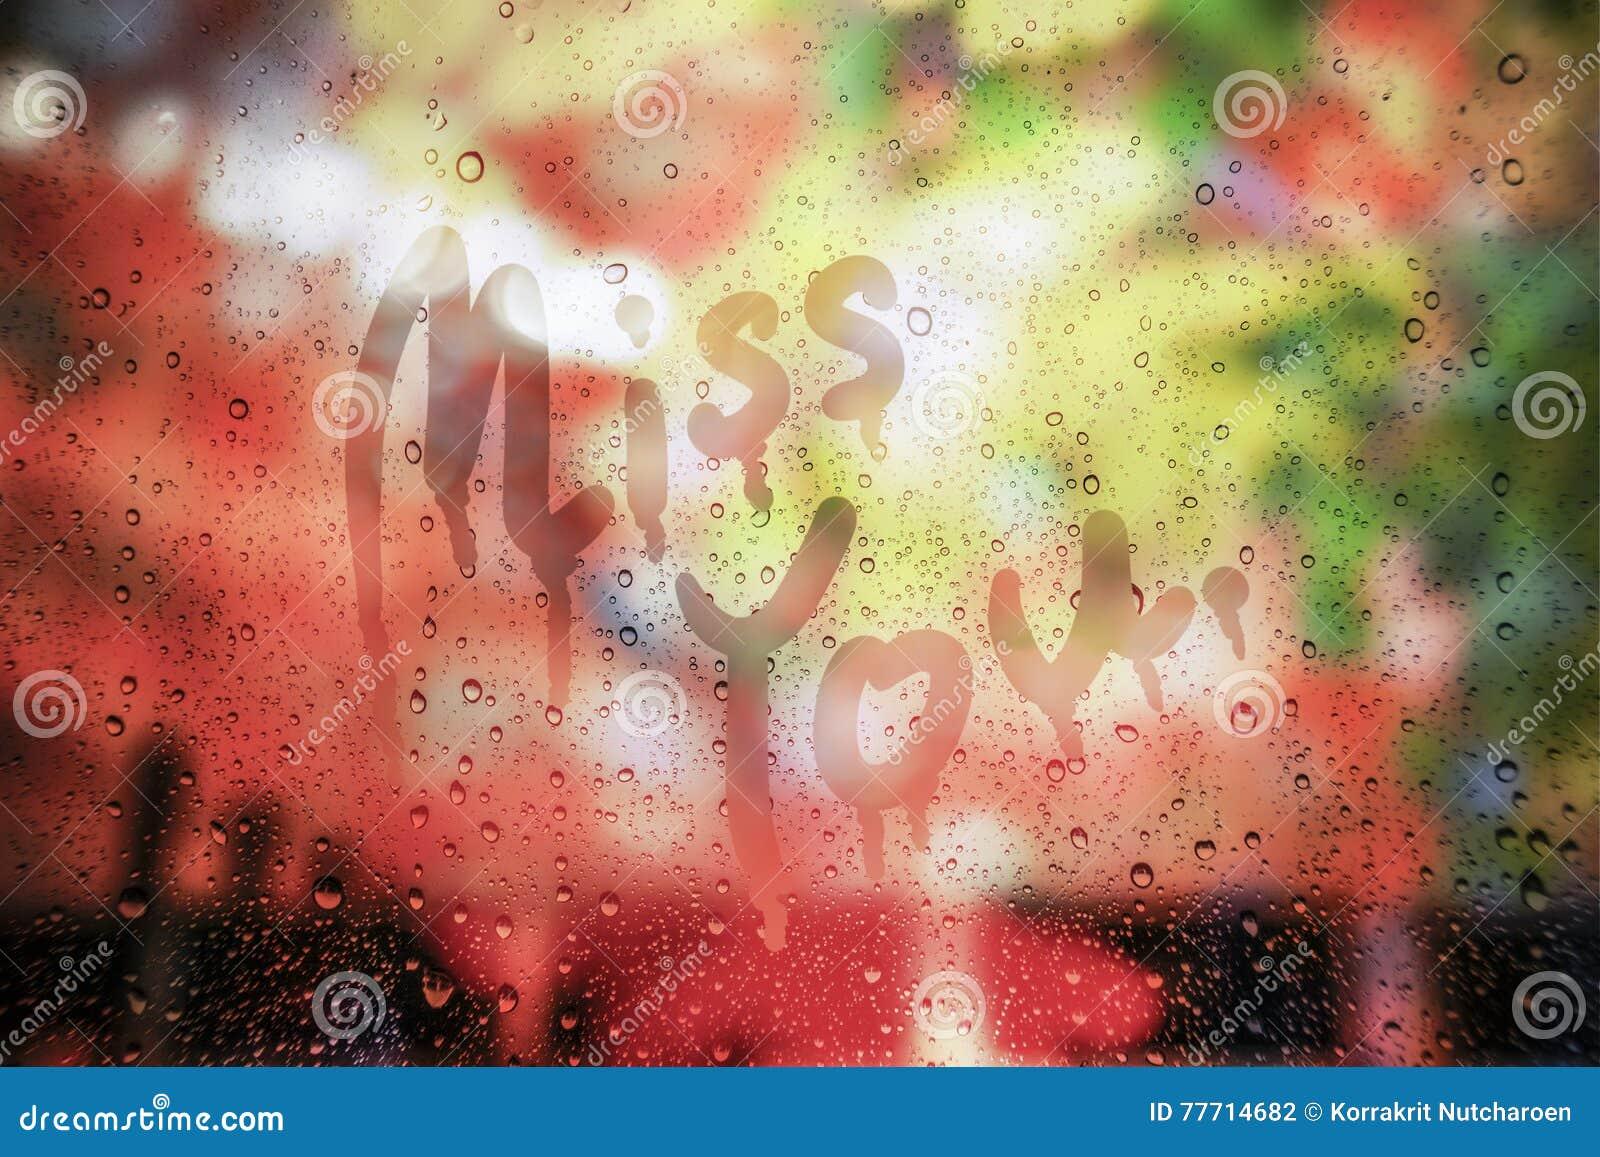 Podeszczowa kropla na szkle z chybienie ty tekst pisać na szkle, zamazany tło, miłości pojęcie, brakuje ci pojęcie